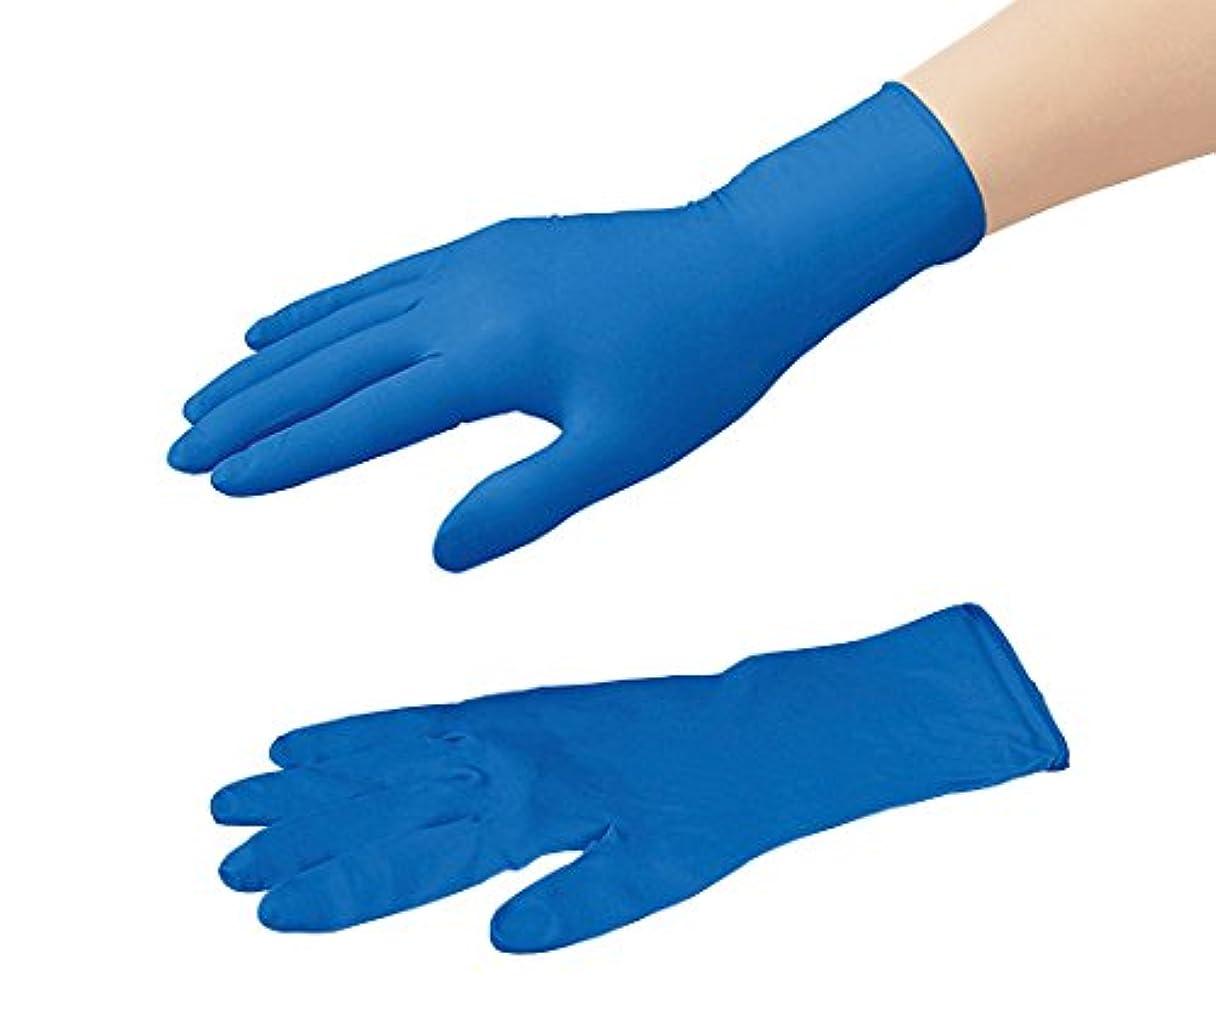 正規化レオナルドダ蓮アズワン2-9878-02ニトリル手袋(HYDREX(R))S50枚入